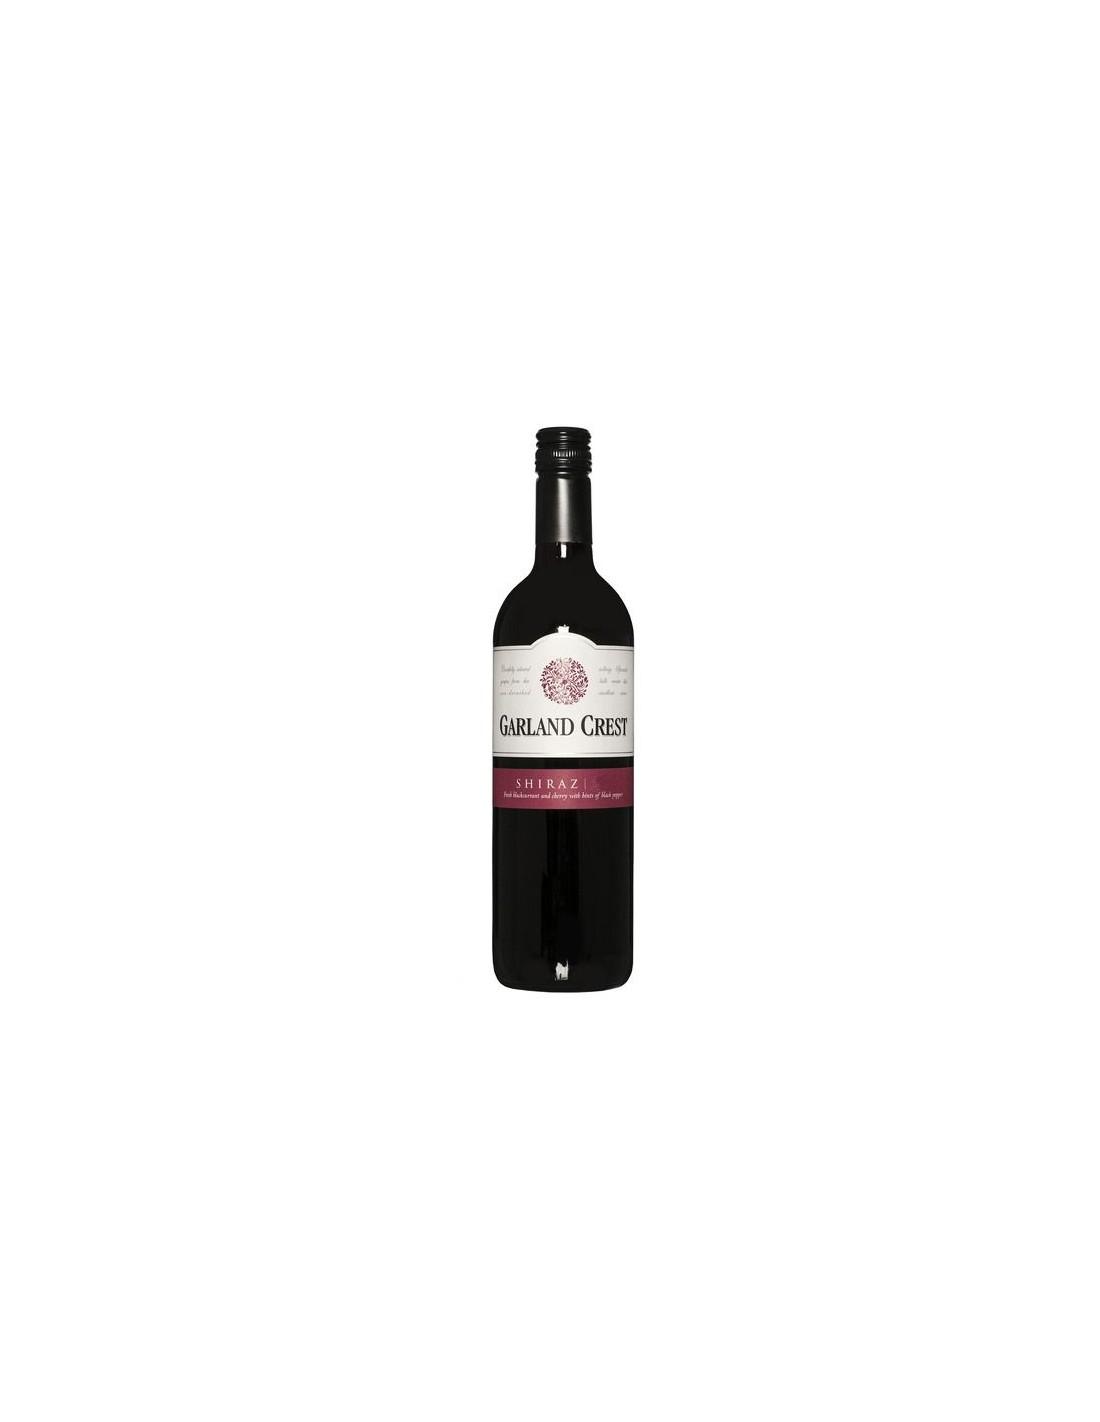 Vin rosu, Shiraz, Garland Crest Jumilla, 0.75L, Spania